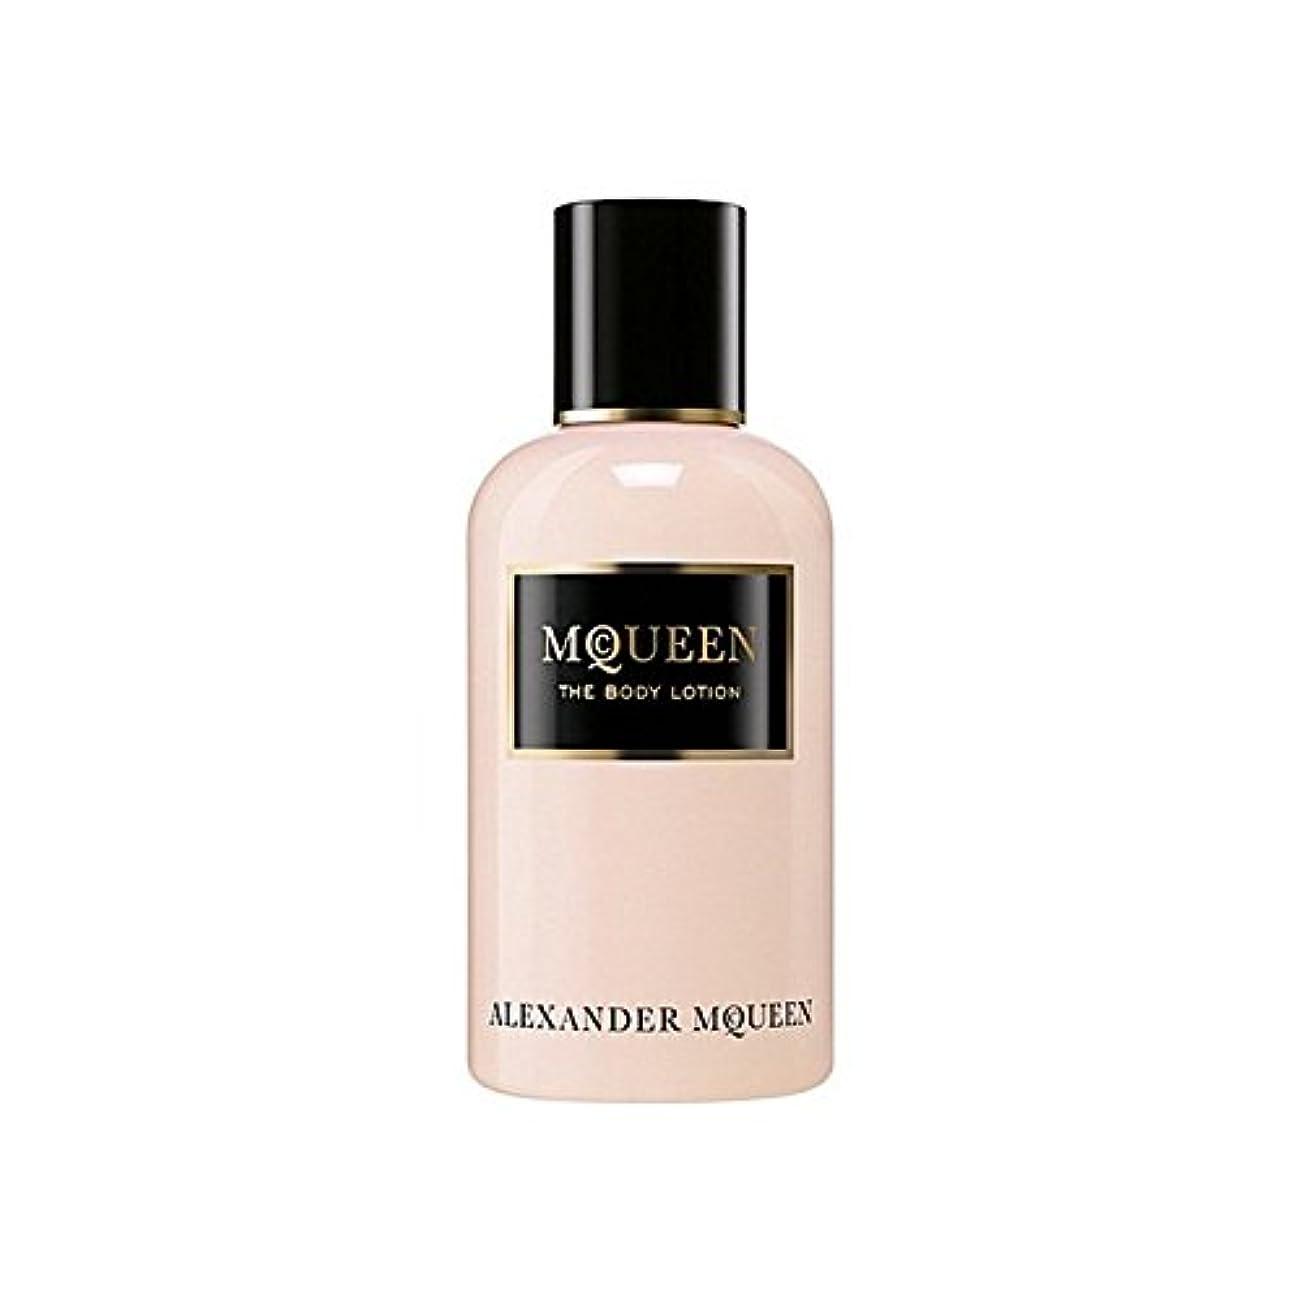 疑問を超えて祖先ピンAlexander Mcqueen Amq Mcqueen Eau De Parfum Body Lotion 250ml - アレキサンダーマックイーンマックイーンオードパルファムボディローション250ミリリットル [並行輸入品]